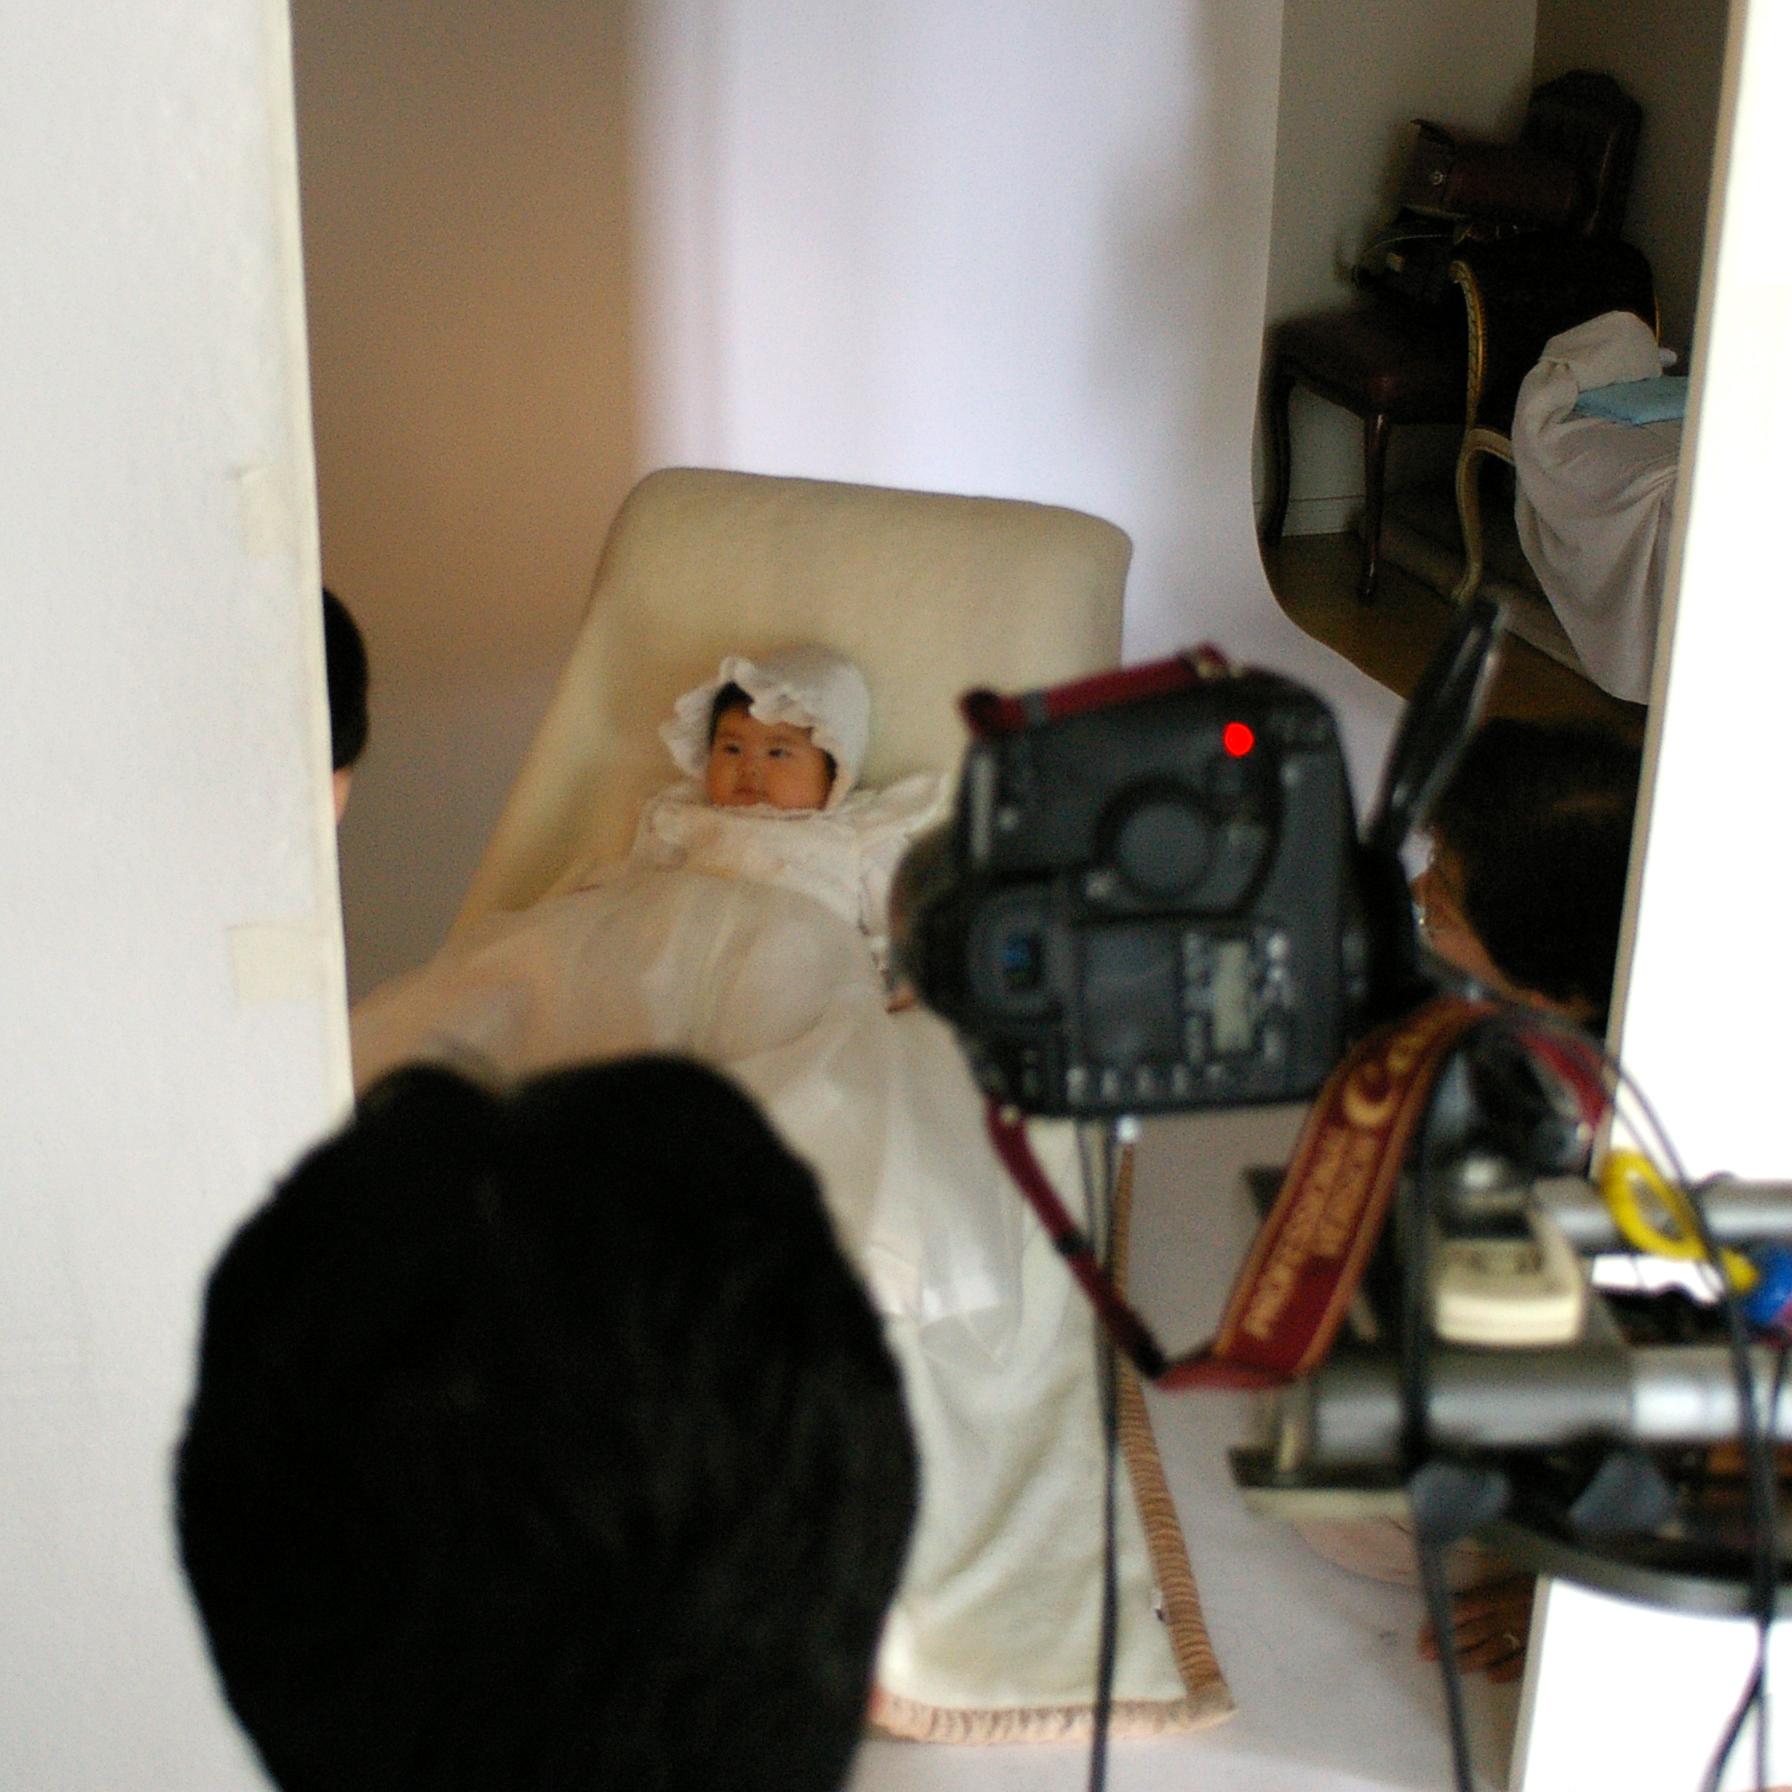 泣いてぐずっての百日写真撮影だったけど、やっぱりプロの撮る写真はいいね♪